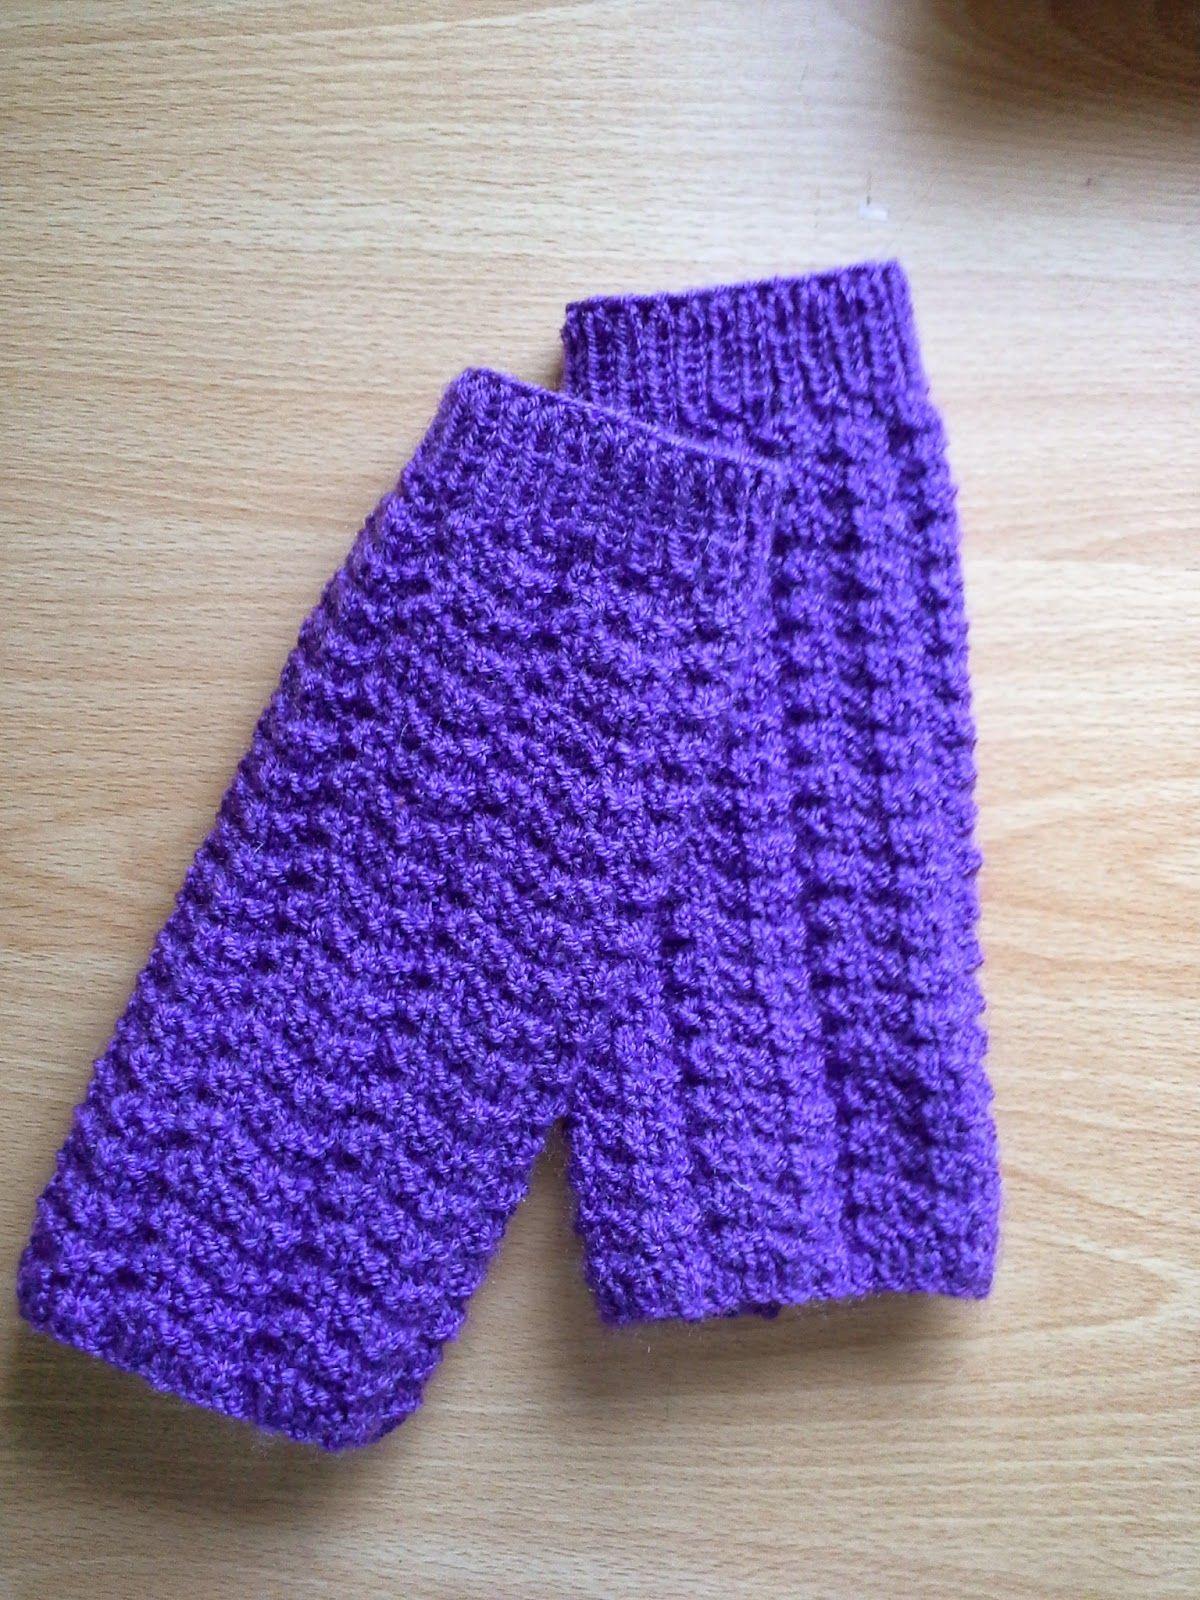 Knitting pattern for Wrist warmers. - juliesknitstitchcorner ...